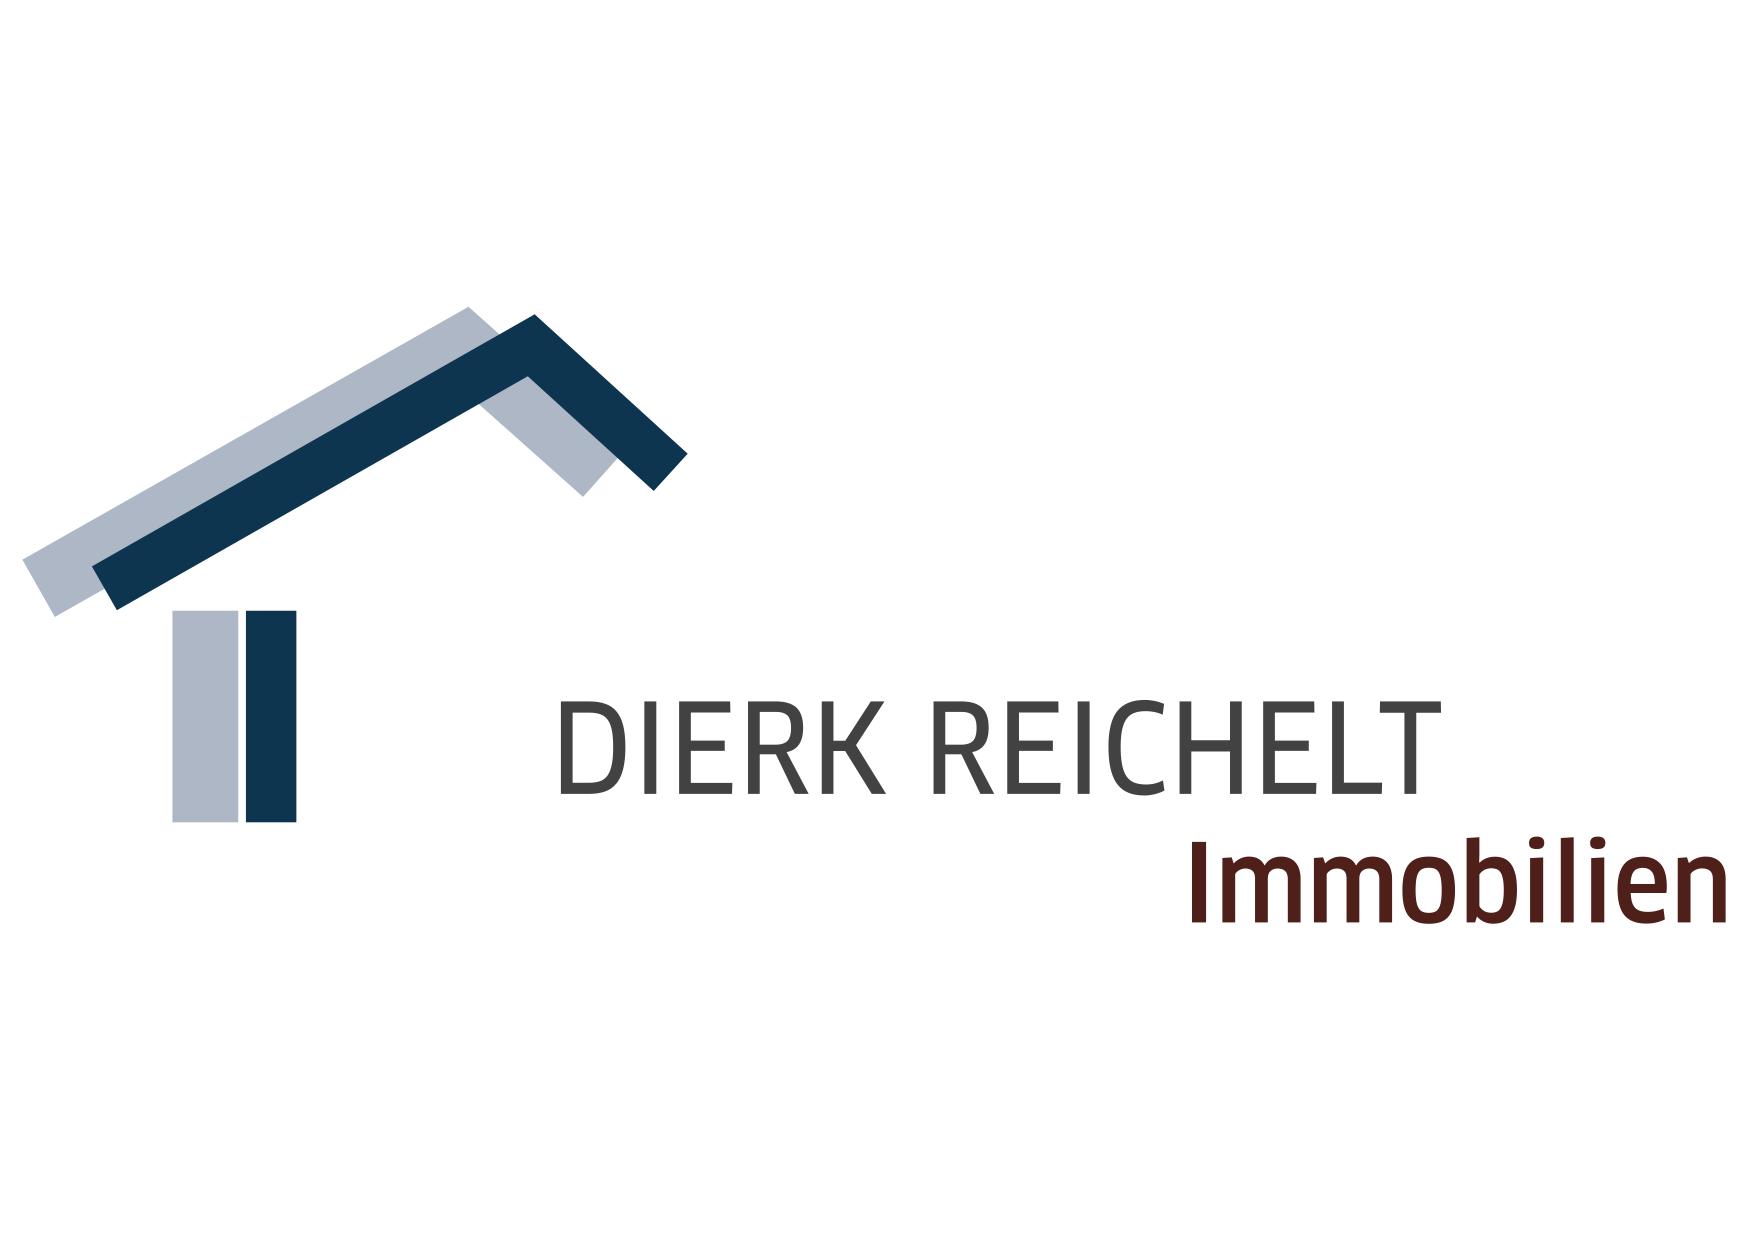 Hier sehen Sie das Logo von Dierk Reichelt Immobilien